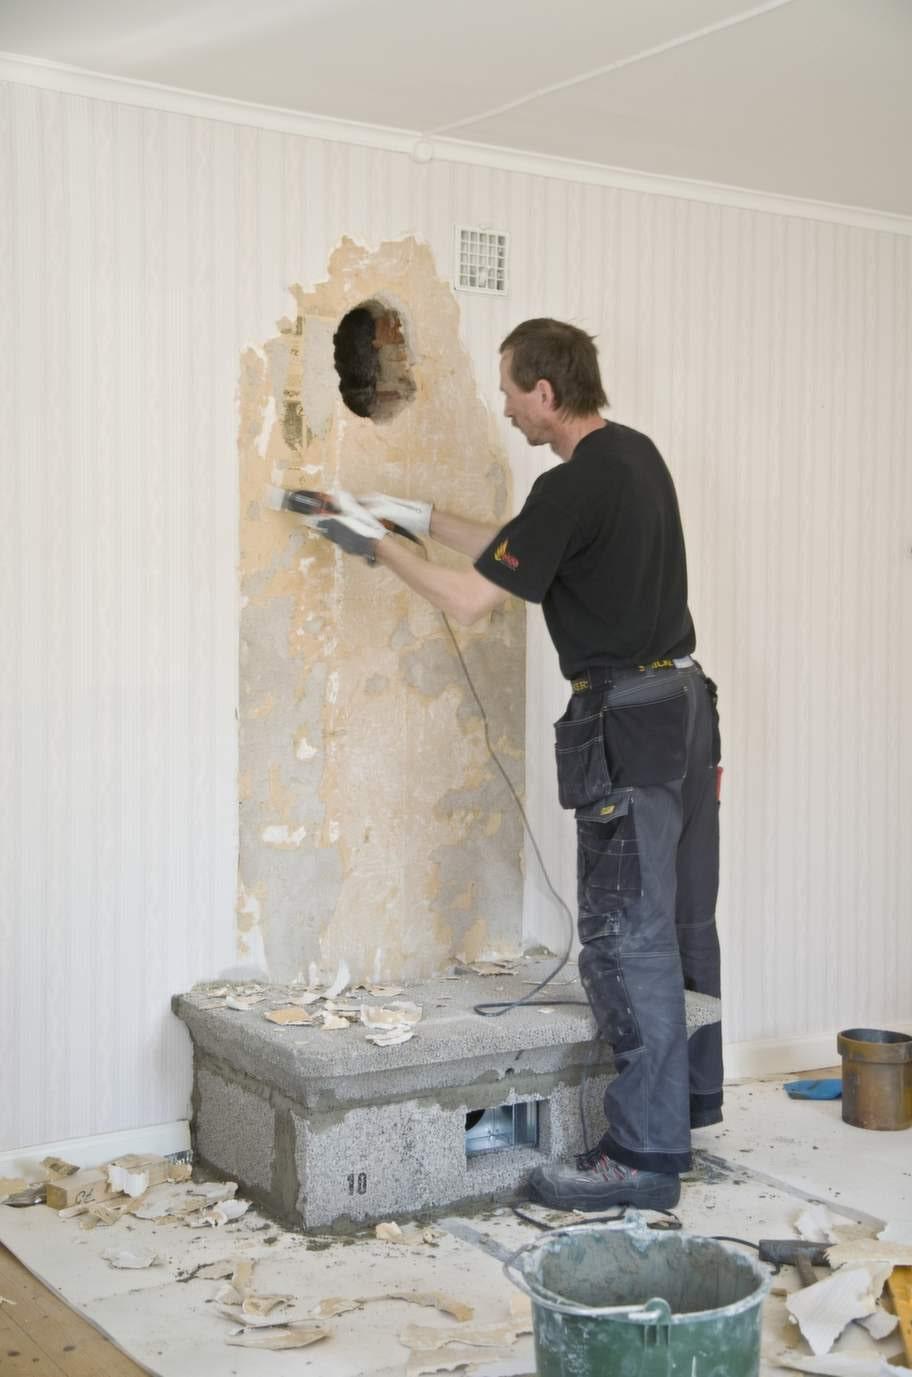 Rökkanal i väggen<br>Golvet är förstärkt och ett hål till rökkanalen är upptaget i väggen. Första eldstadsfundamentet är på plats.